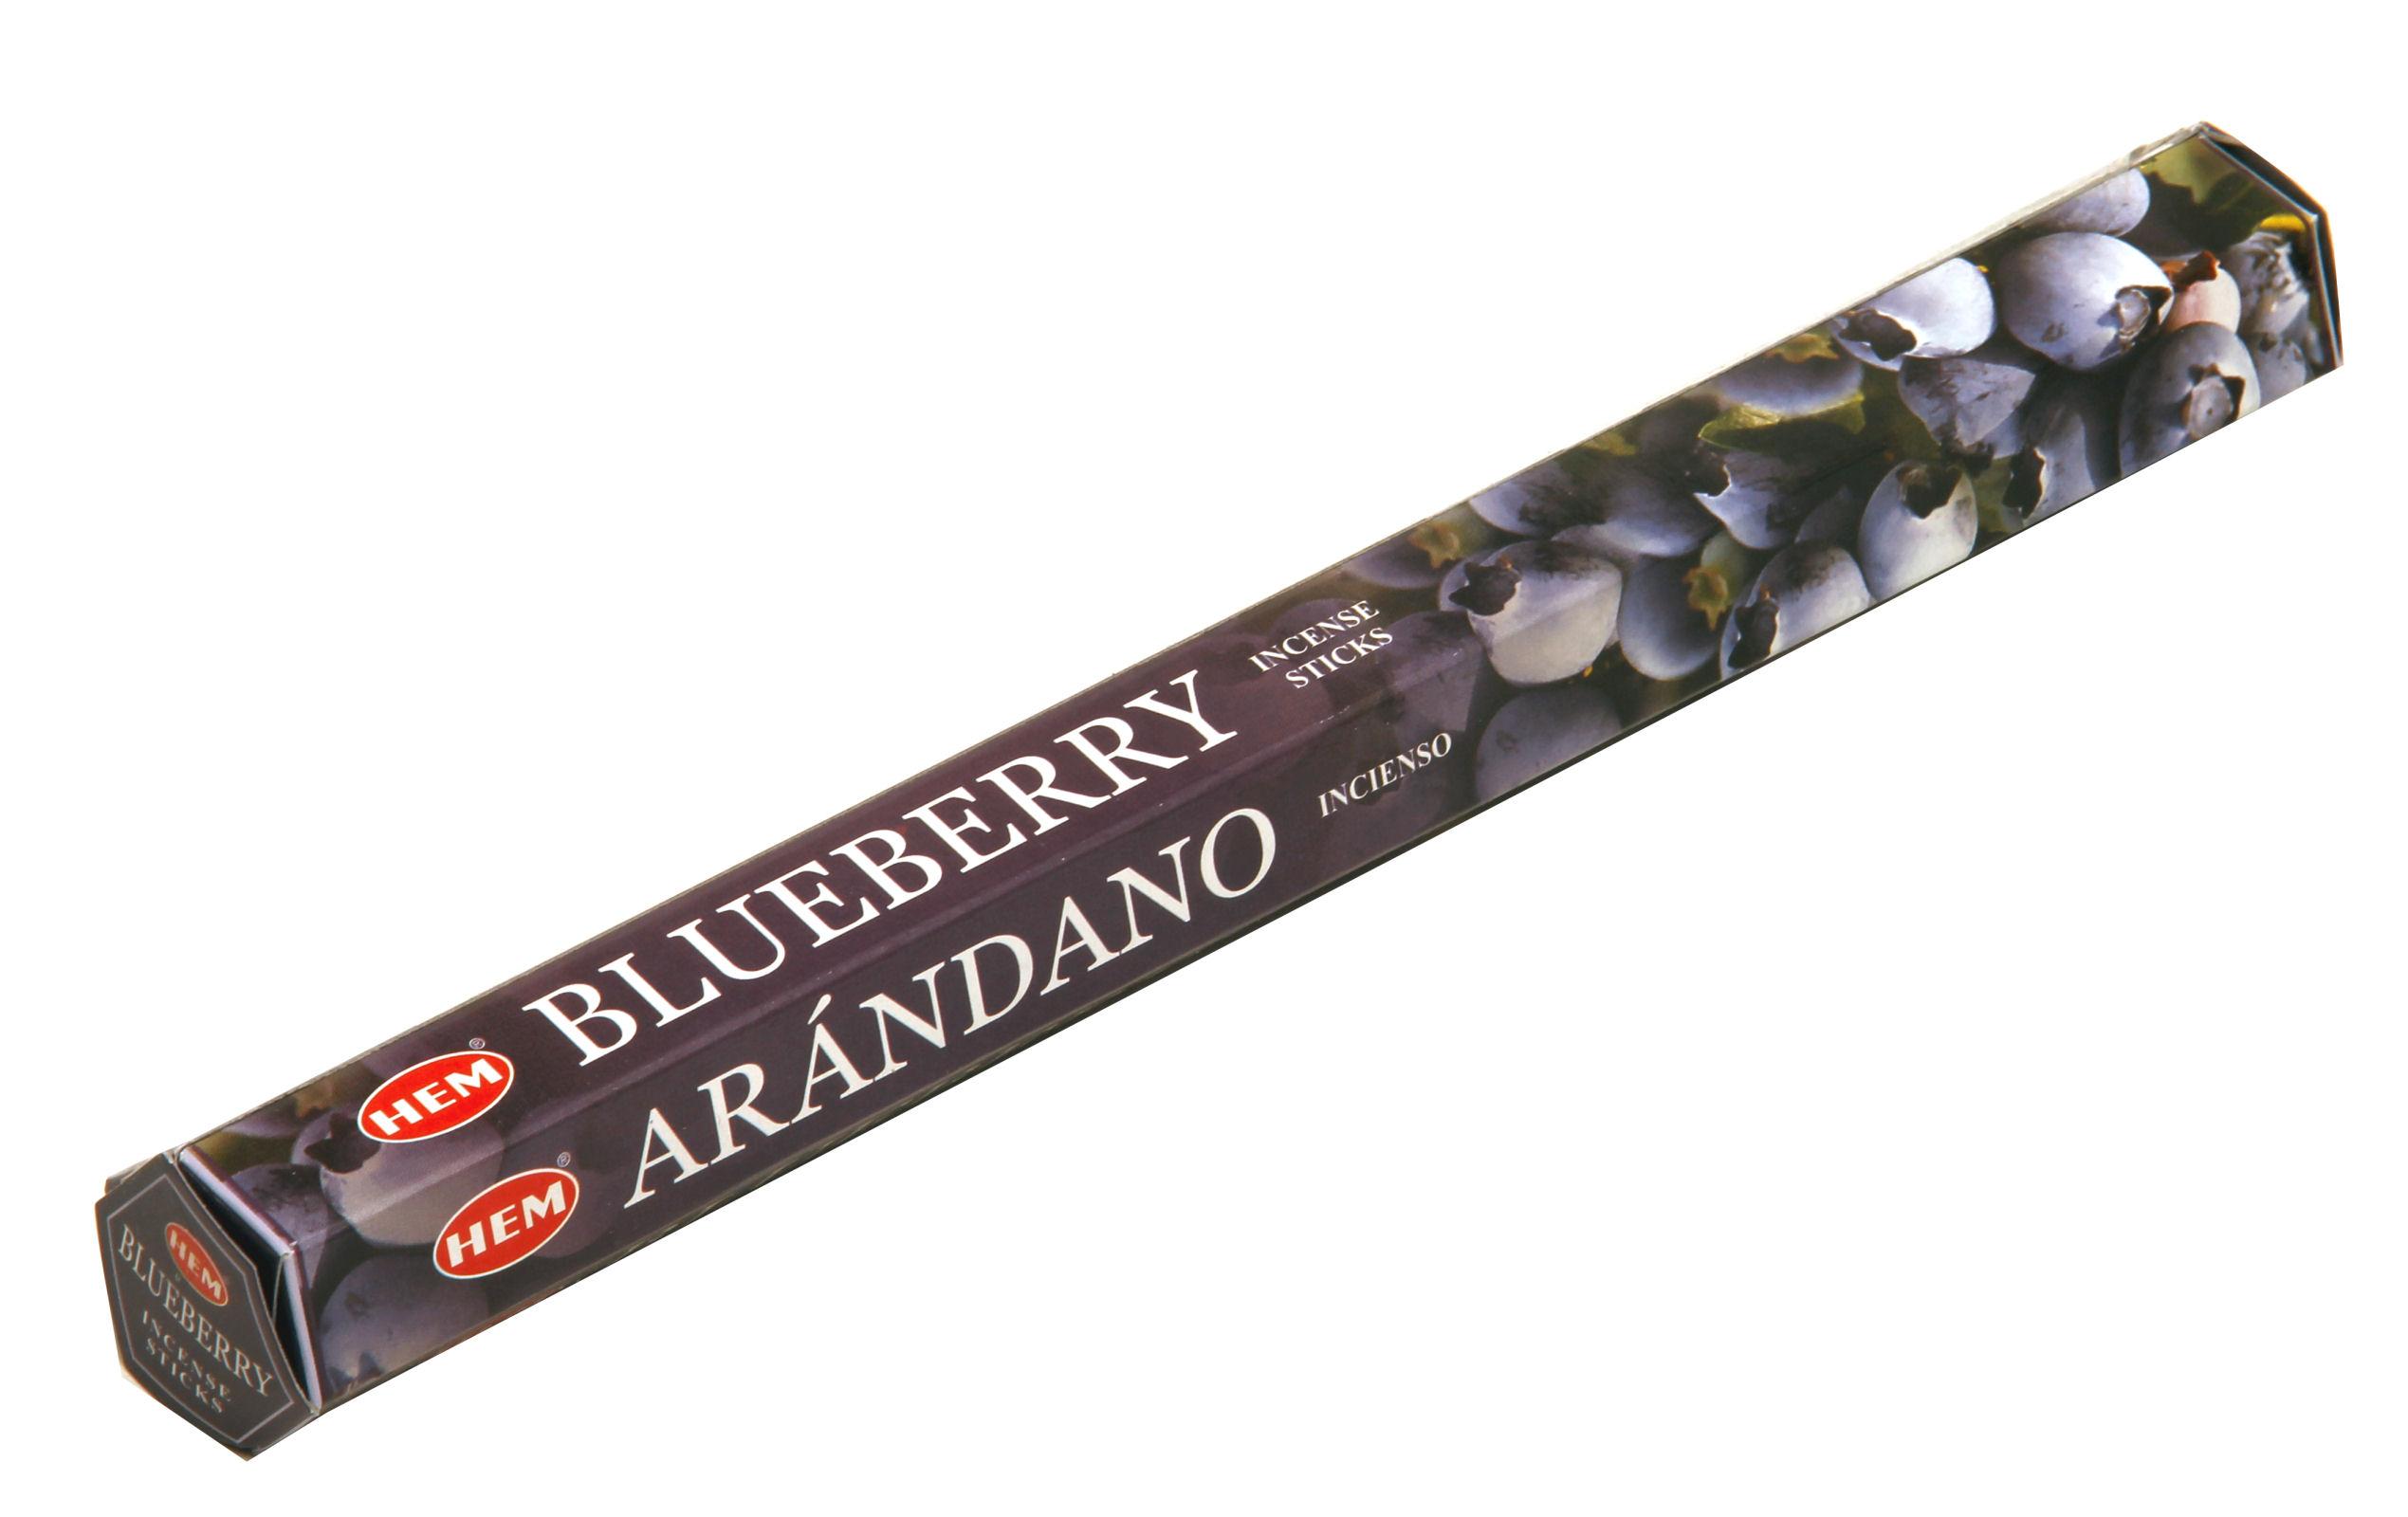 HEM Räucherstäbchen Sparset. 6 Packungen ca. 120 Sticks Blueberry